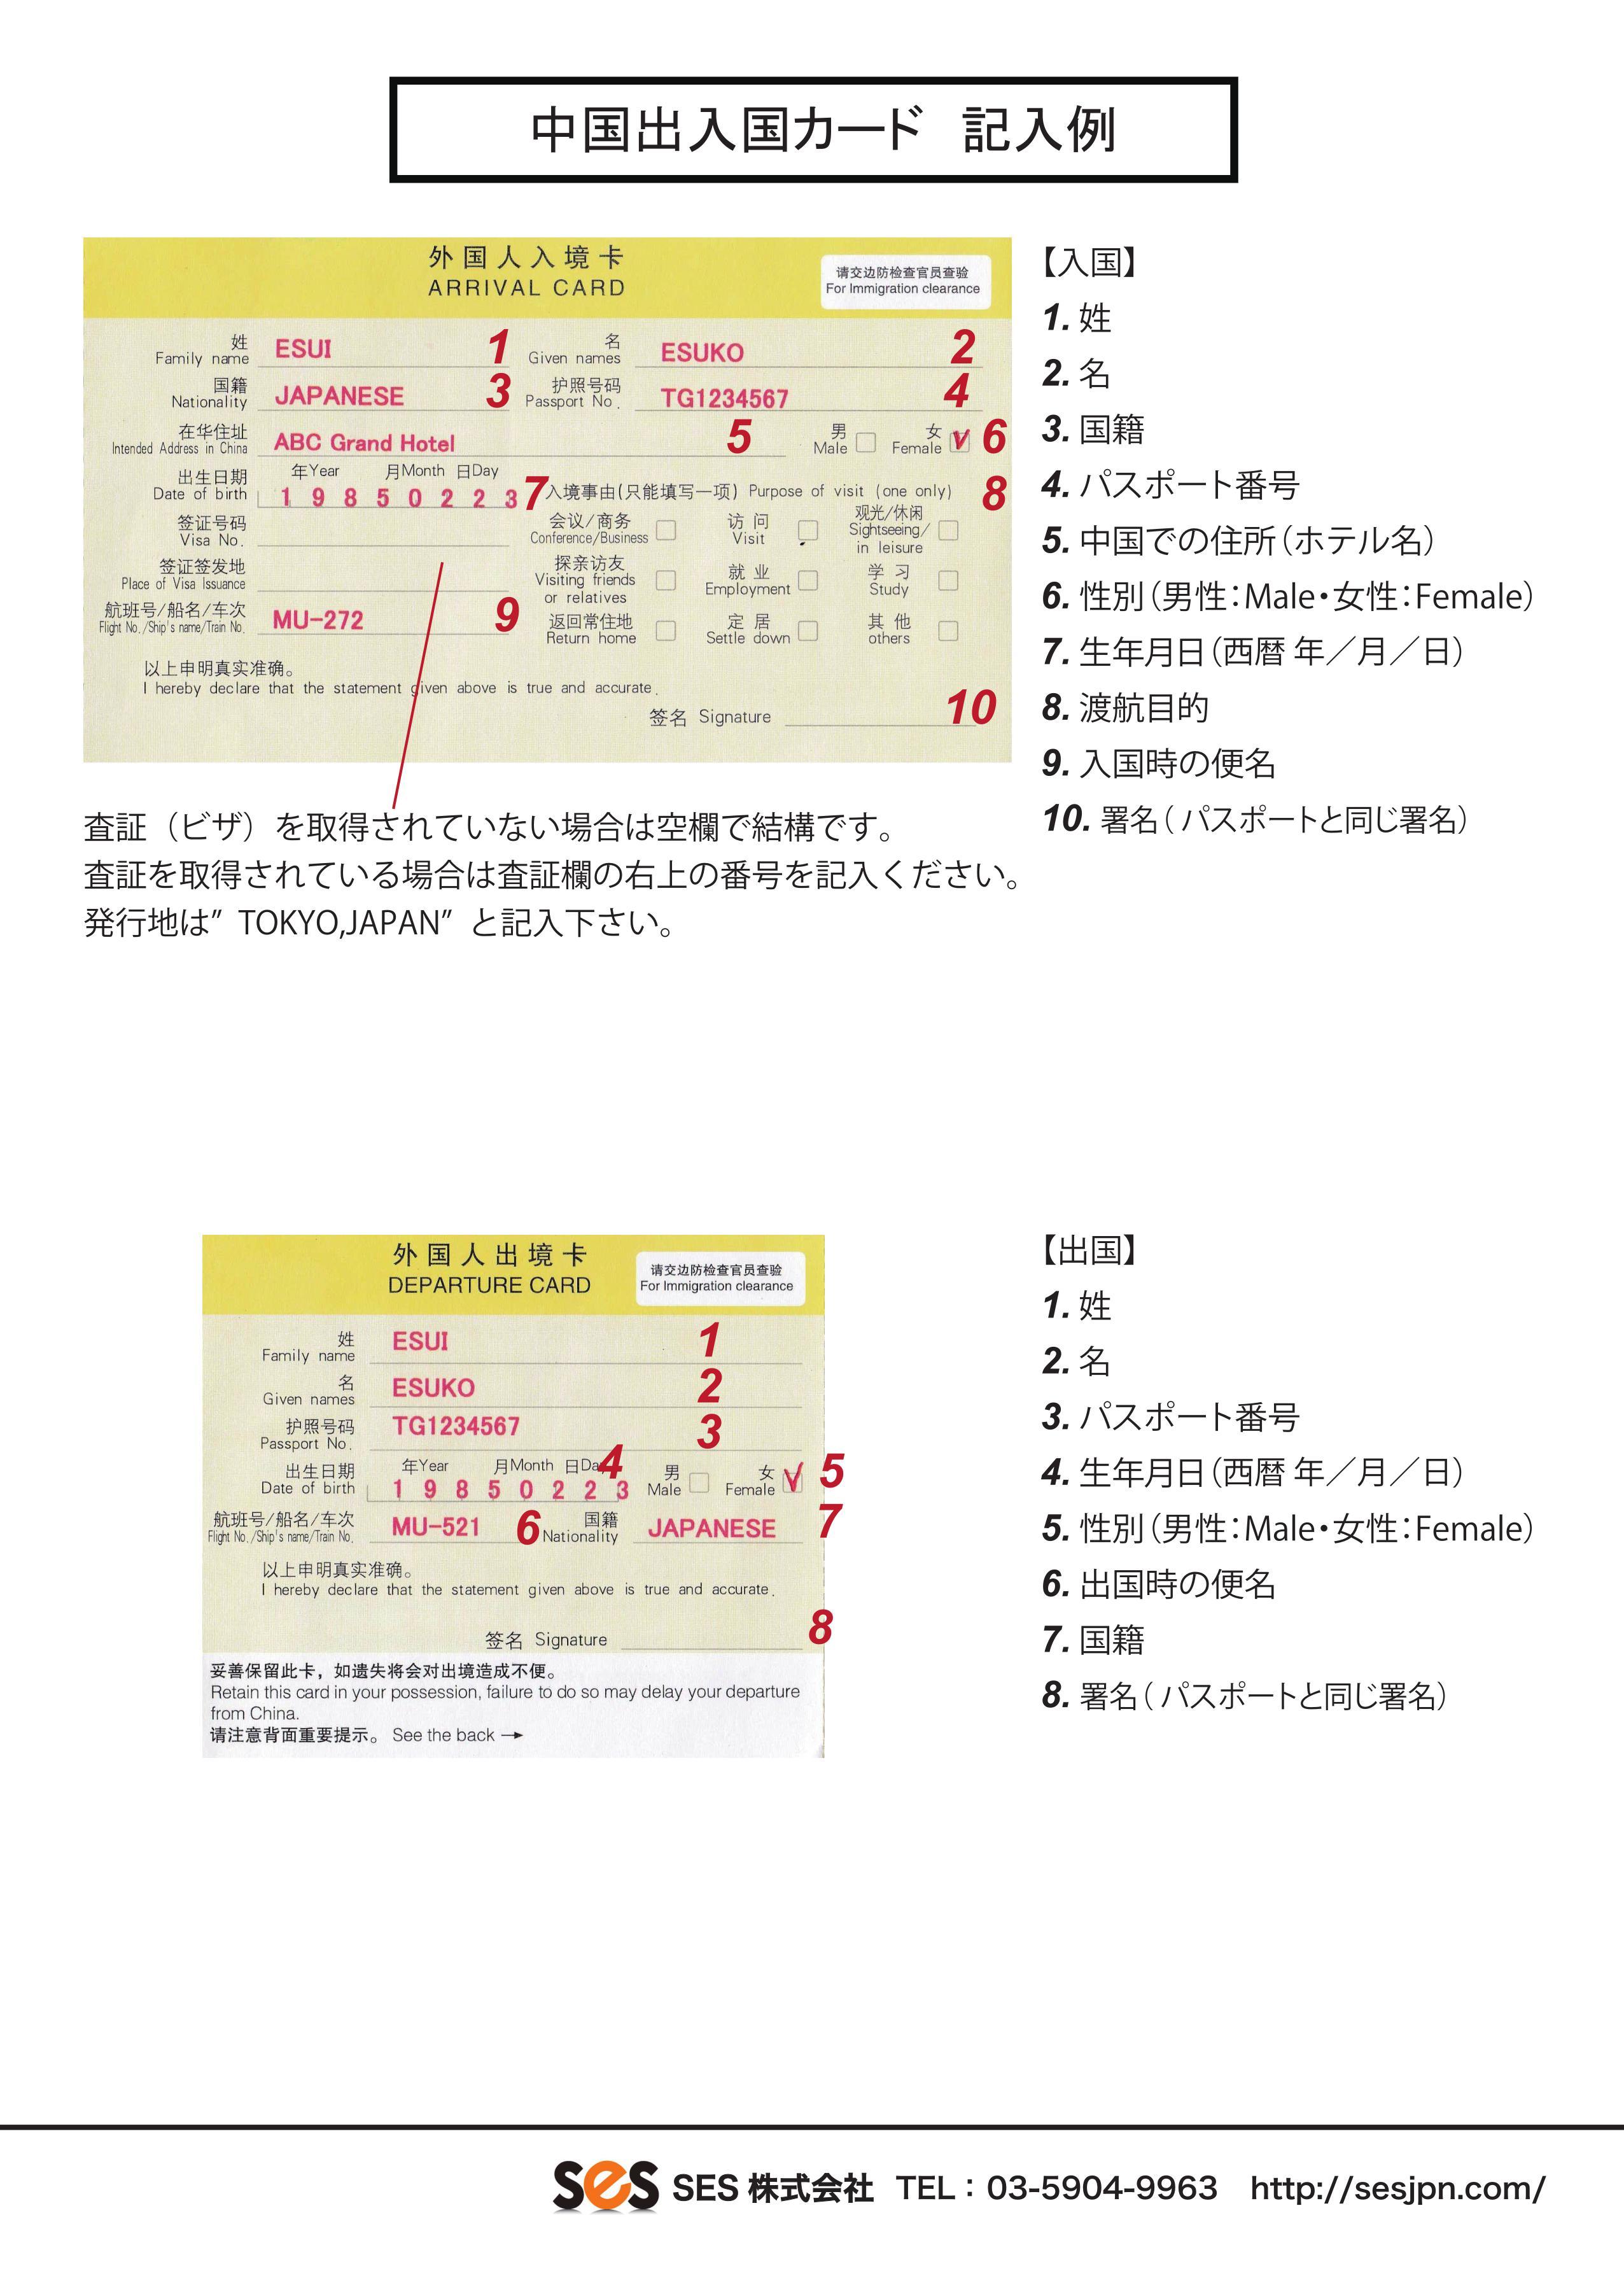 中国出入国カード